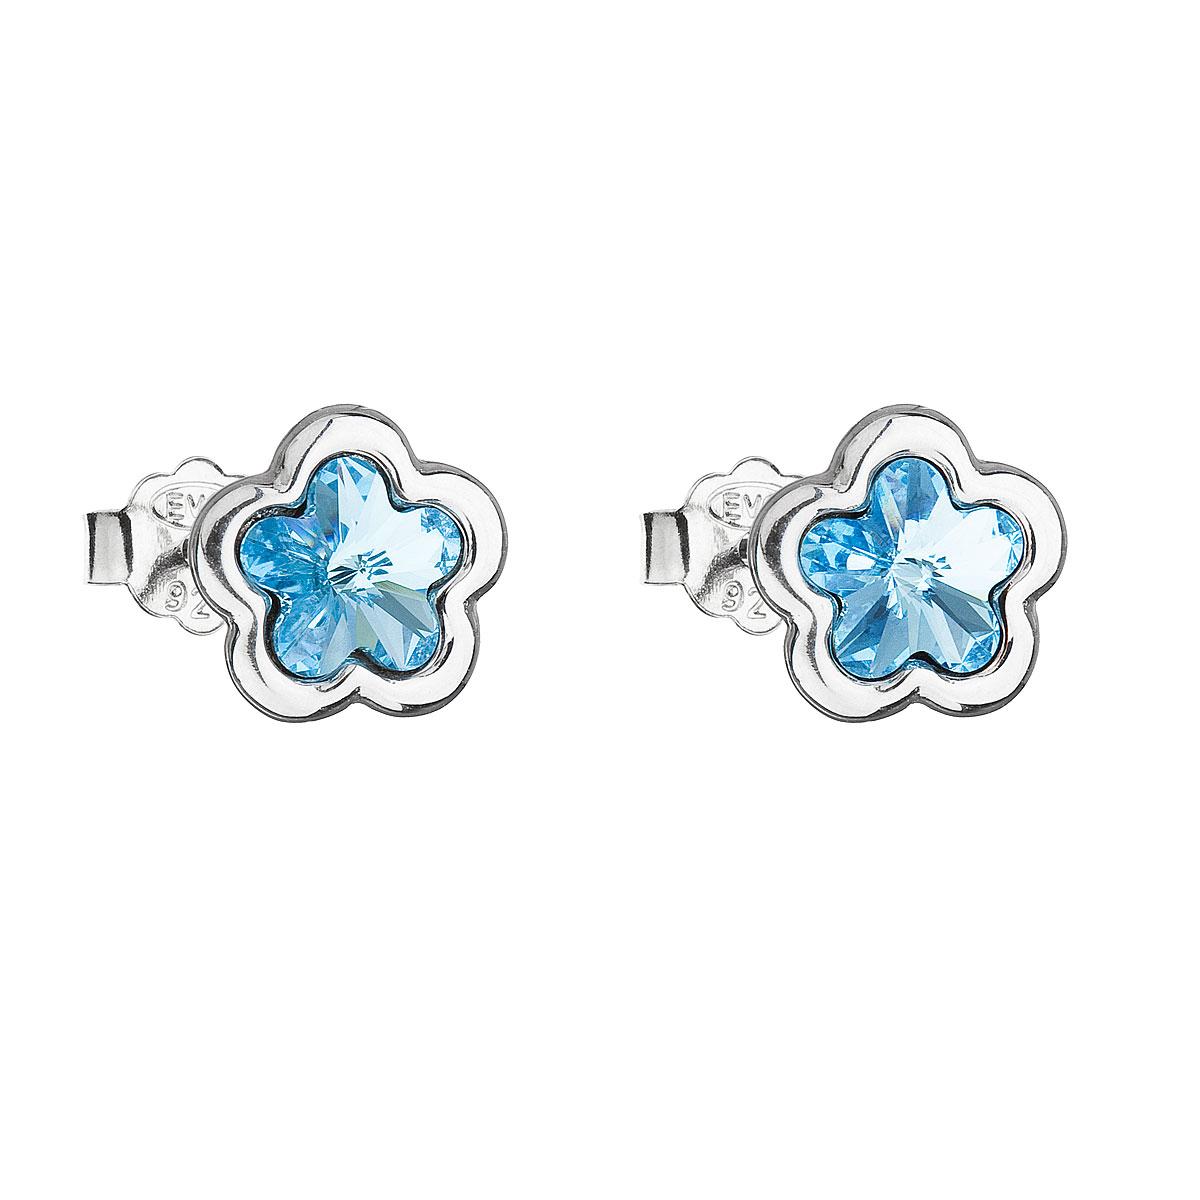 Evolution Group Stříbrné náušnice pecka s krystaly Swarovski modrá kytička 31255.3